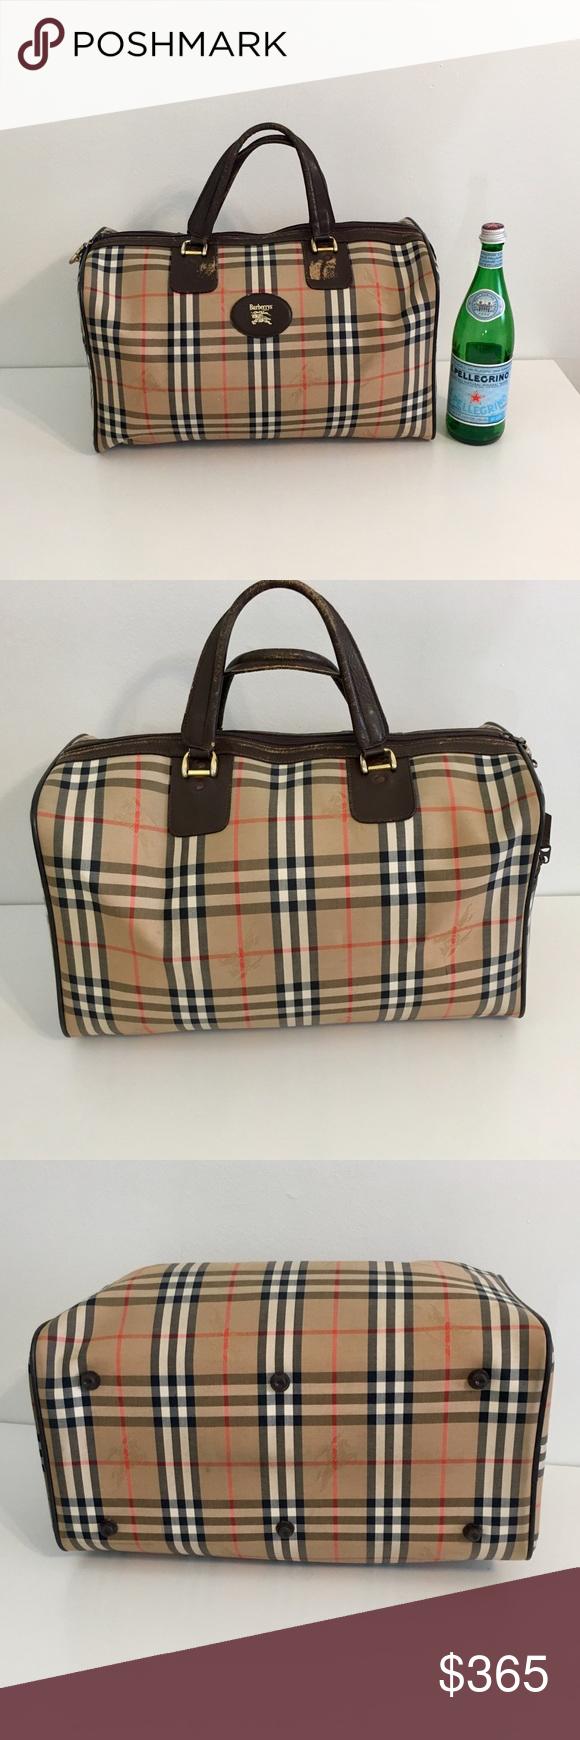 Authentic vintage. BURBERRYS unisex travel bag Authentic vintage unisex  luggage  carry on  Weekender 4c9a1c4385b6b